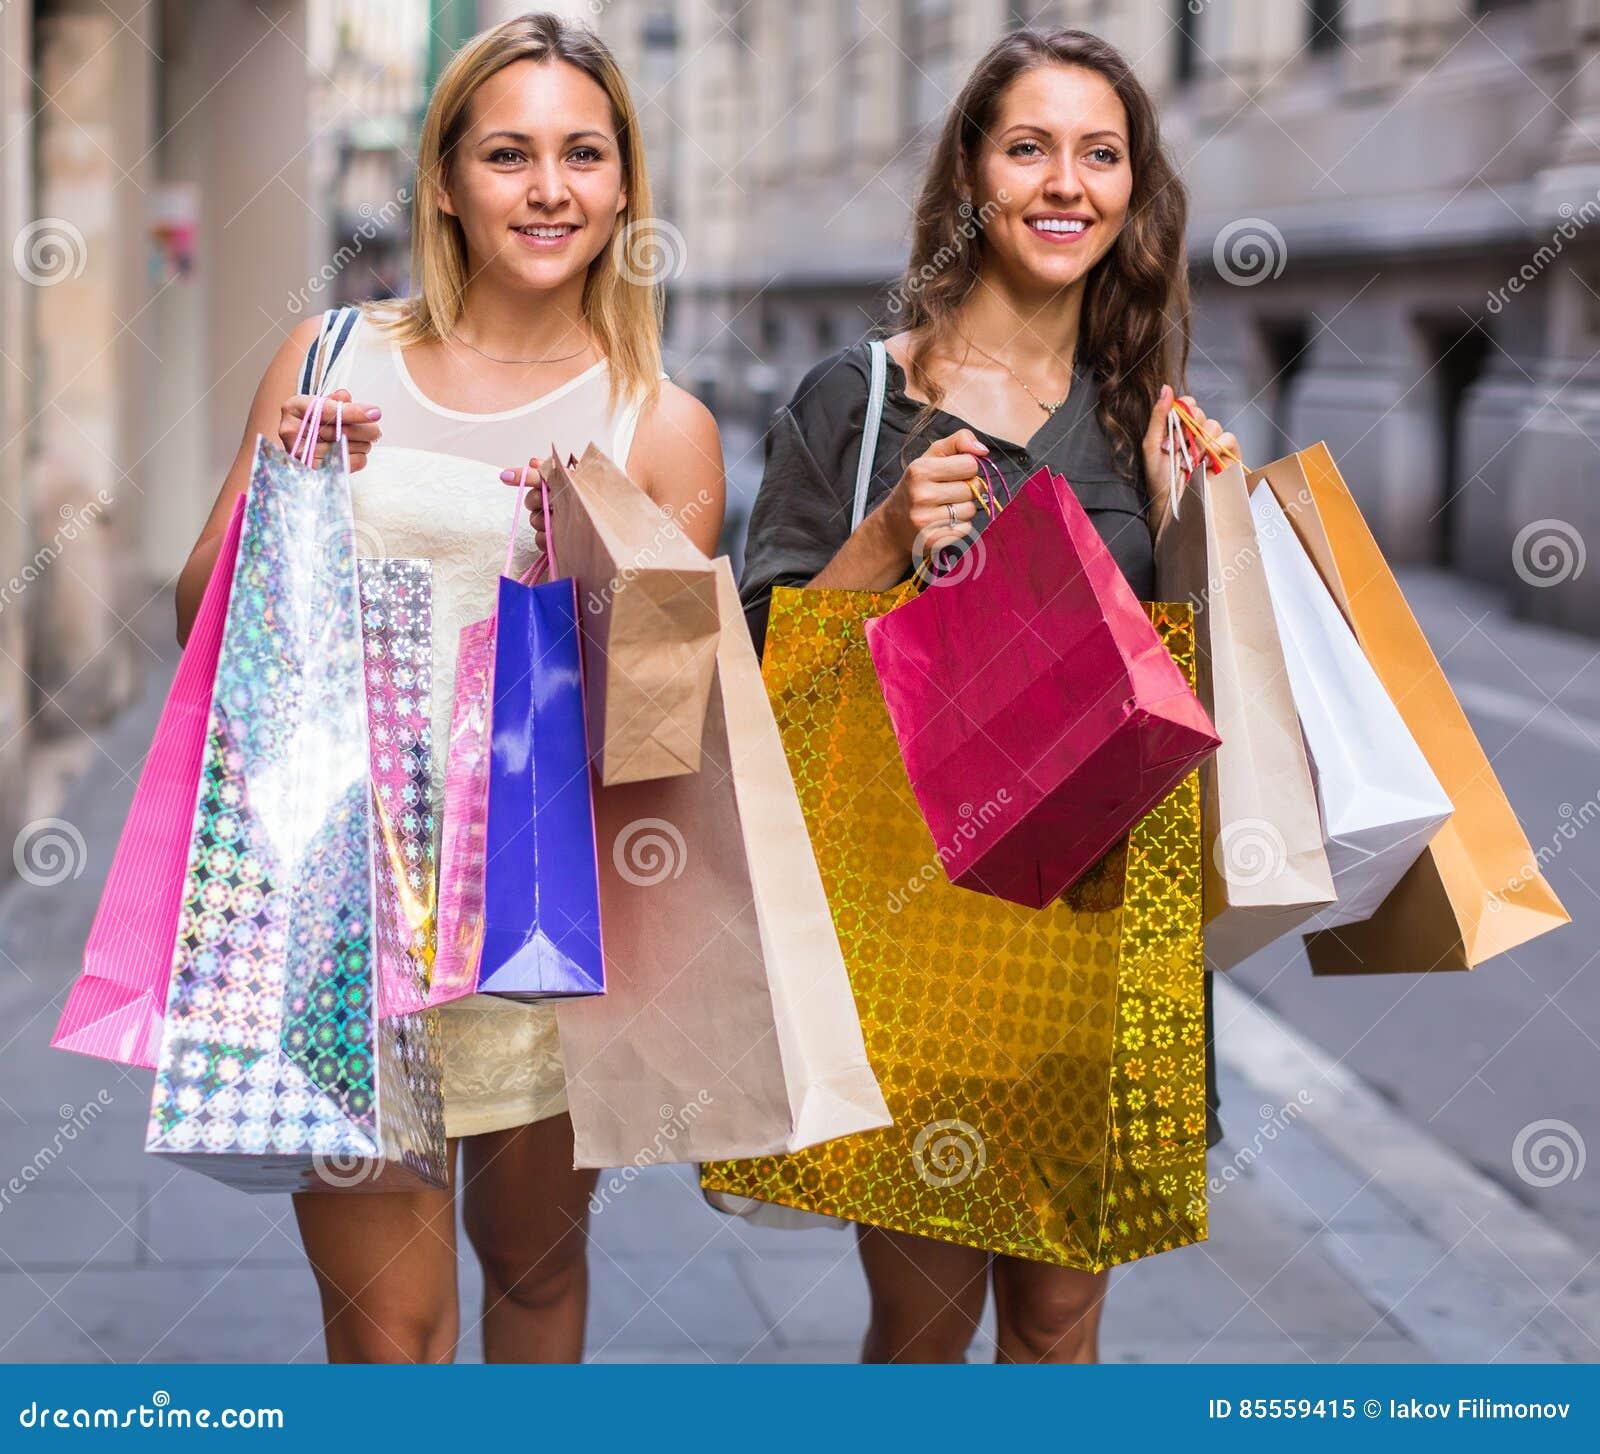 Zwei junge Frauen, die Einkaufstaschen halten